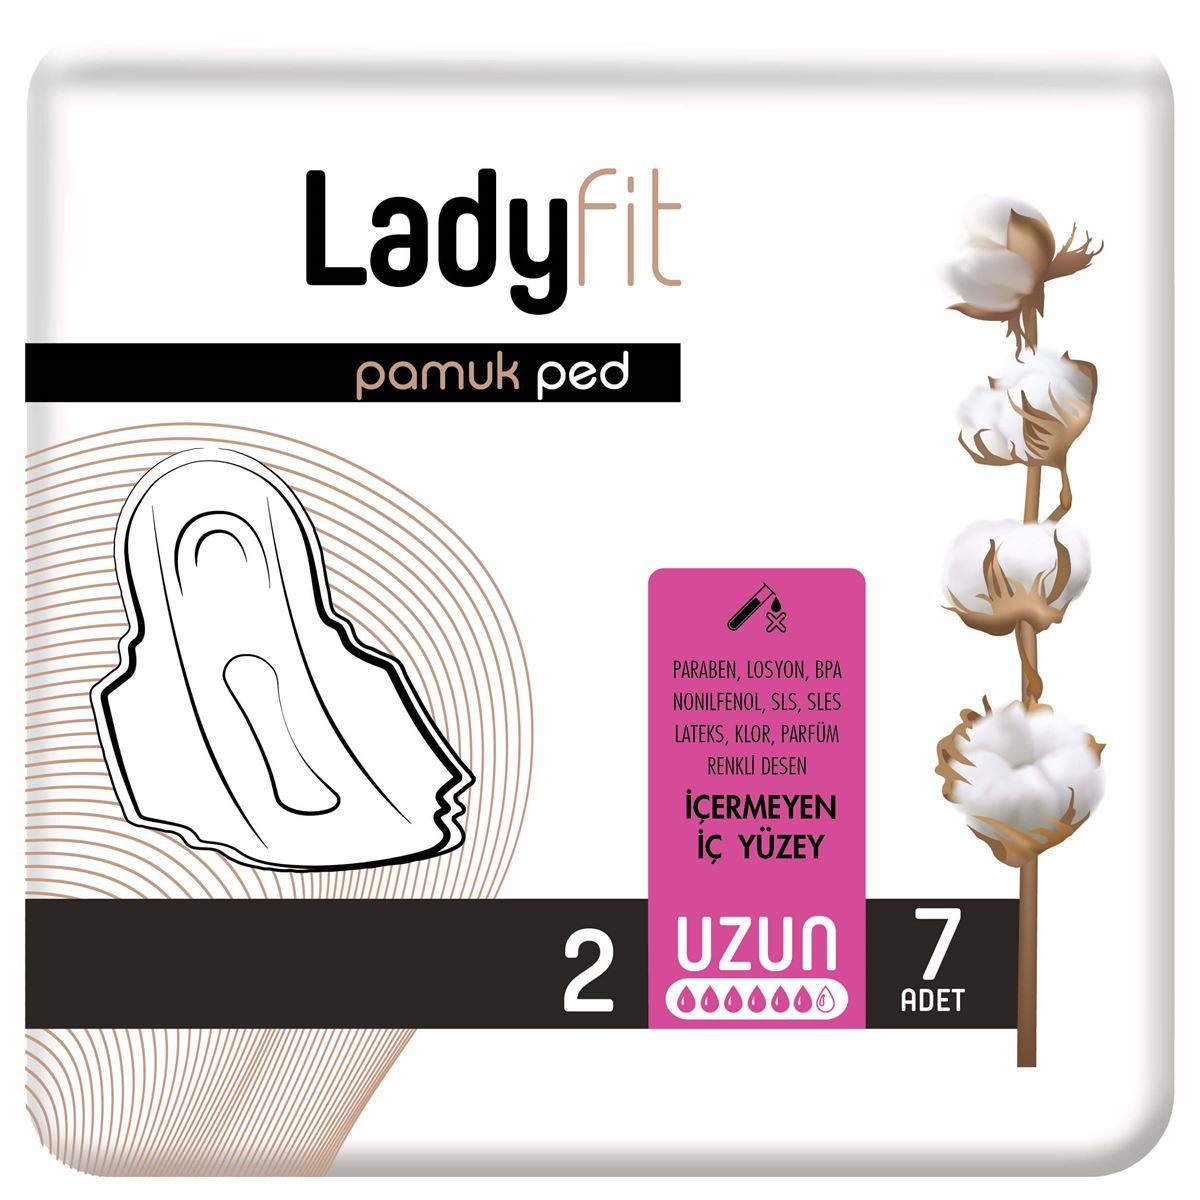 Ladyfit Pamuk Ped Standart Uzun 7 Ped